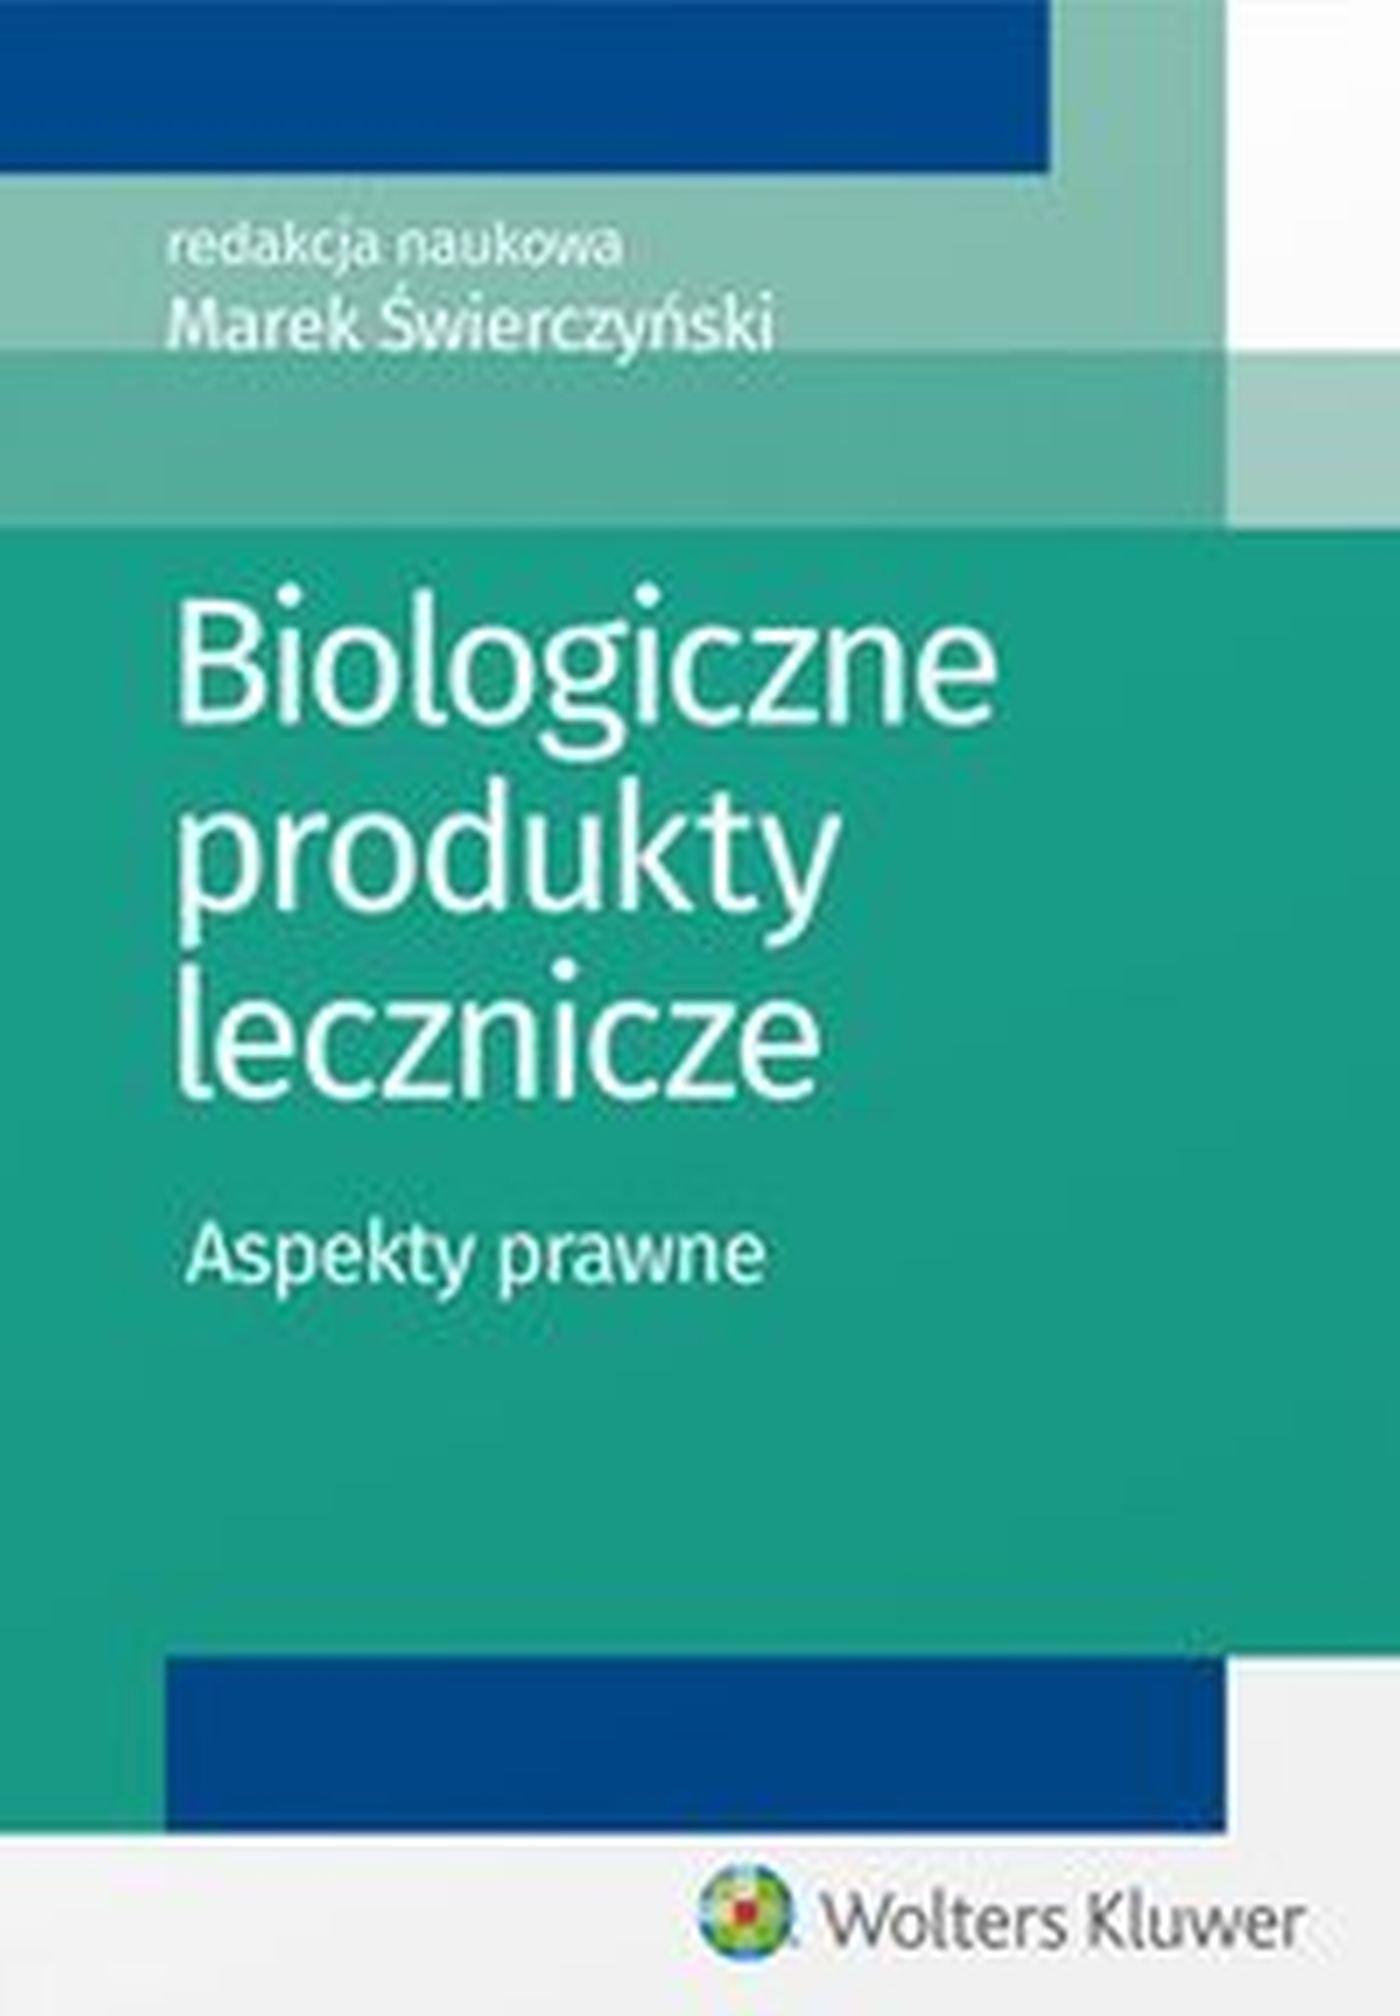 Biologiczne produkty lecznicze. Aspekty prawne - Ebook (Książka EPUB) do pobrania w formacie EPUB